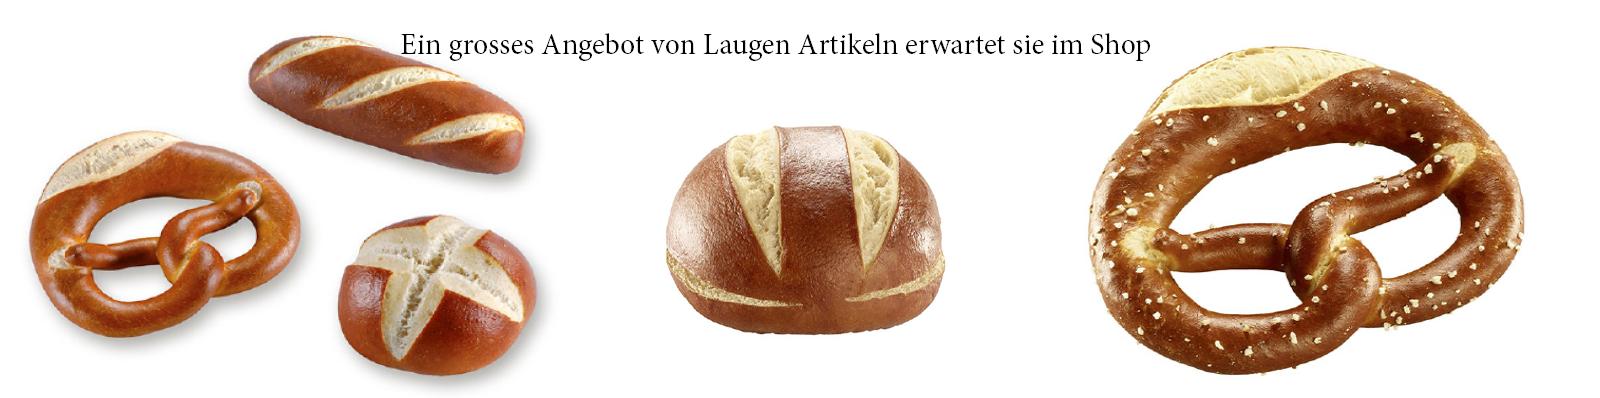 Laugen_Artikel